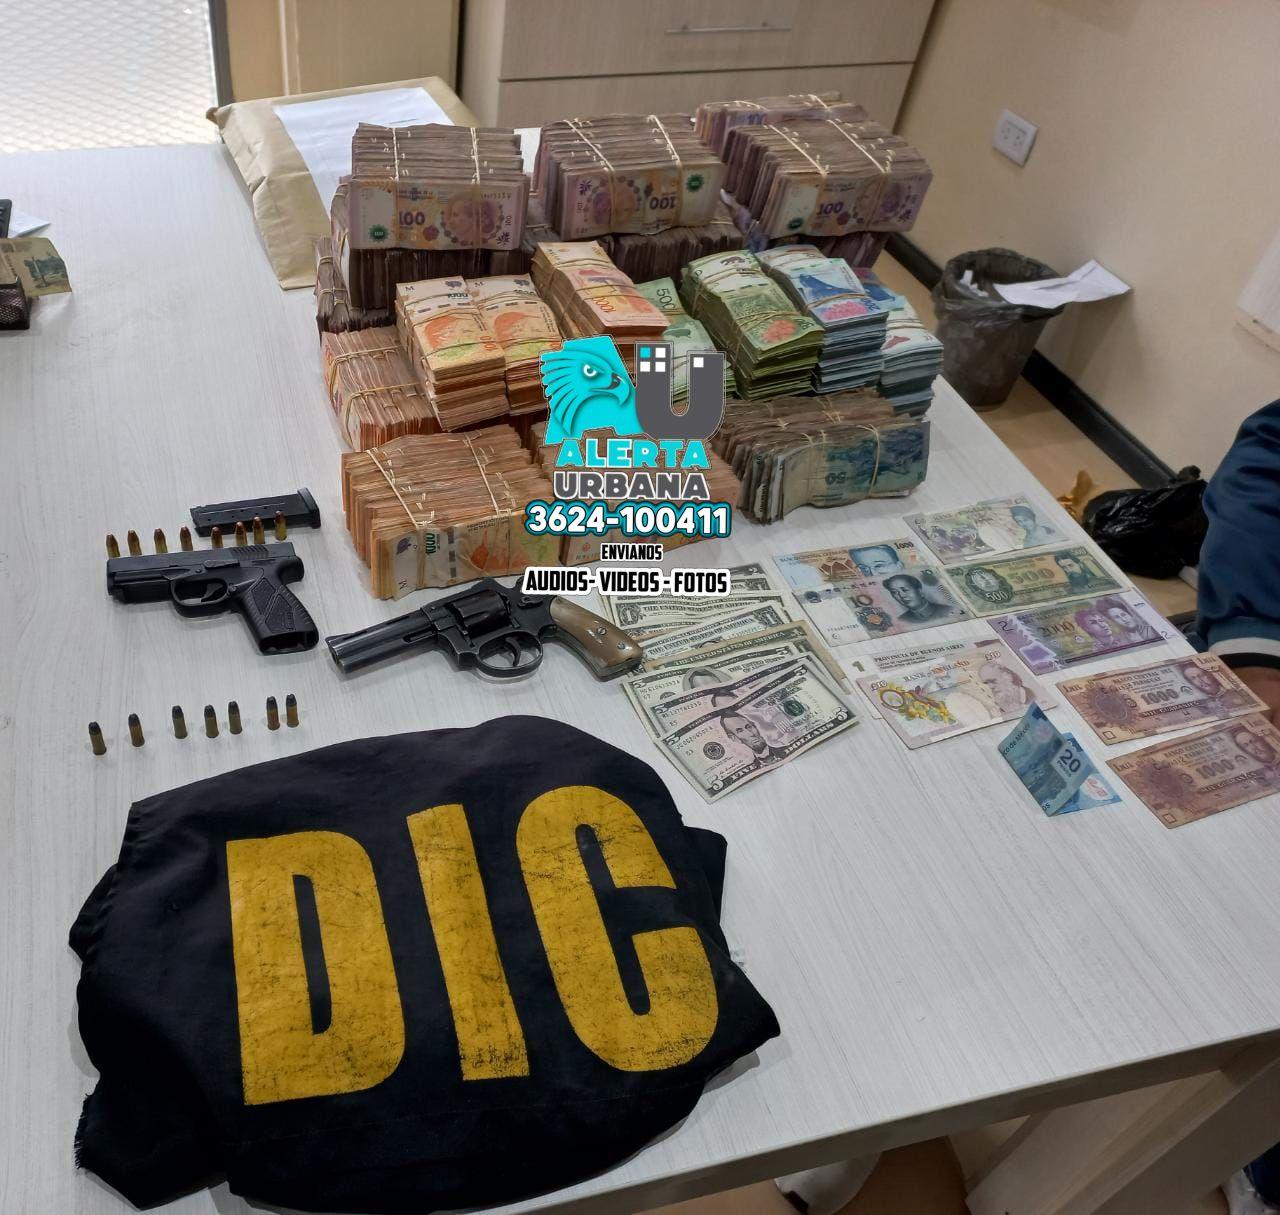 Desbaratan cueva financiera, relacionada con robos en la vía pública